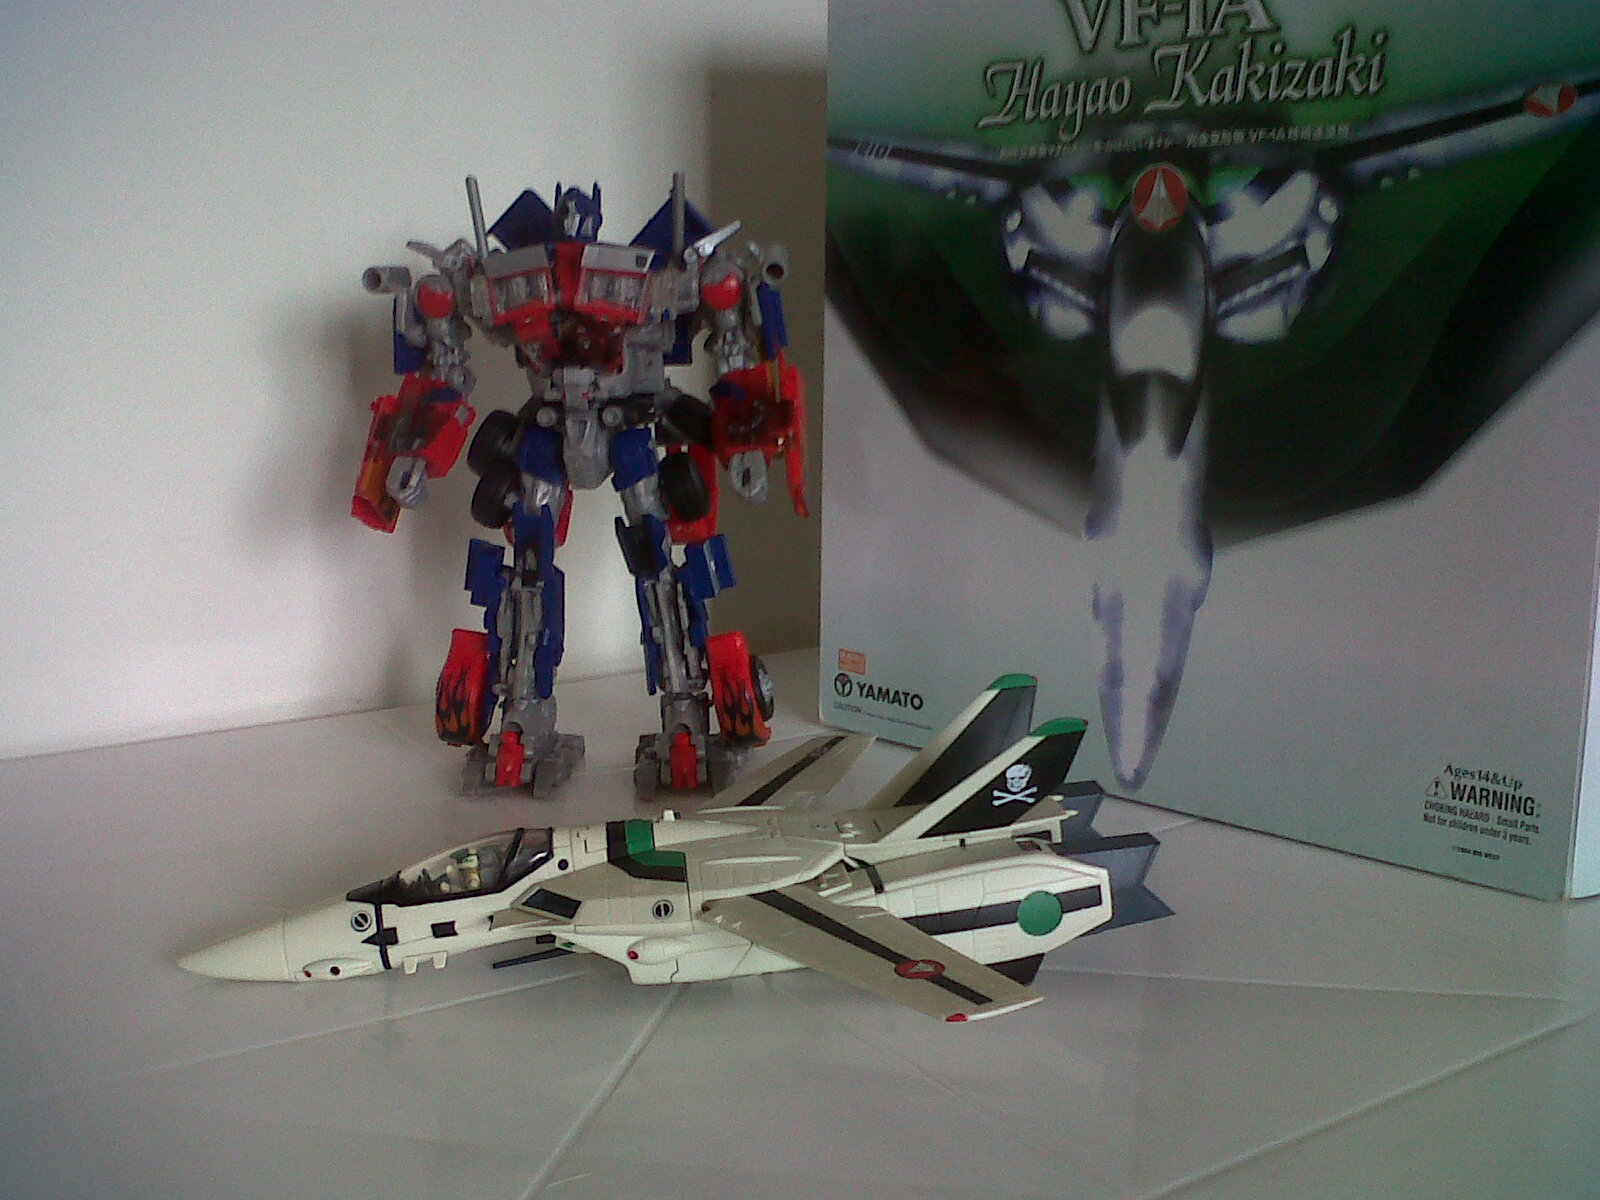 VF - 1A 1/48 Yamato Hayao Kakizaki ver. DYRL?